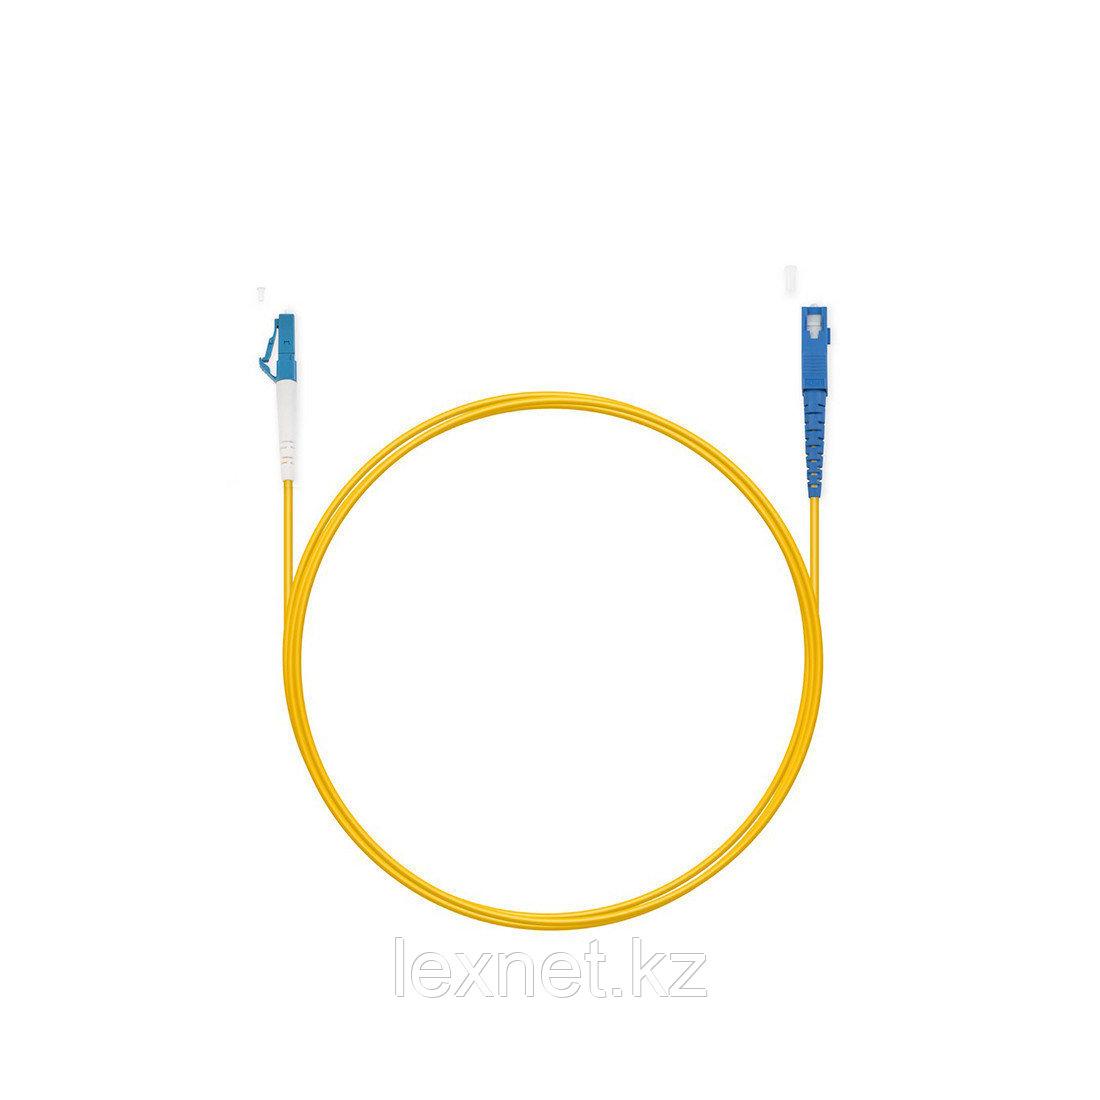 Патч Корд Оптоволоконный LC/APC-ST/UPC SM 9/125 Simplex 3.0мм 1 м